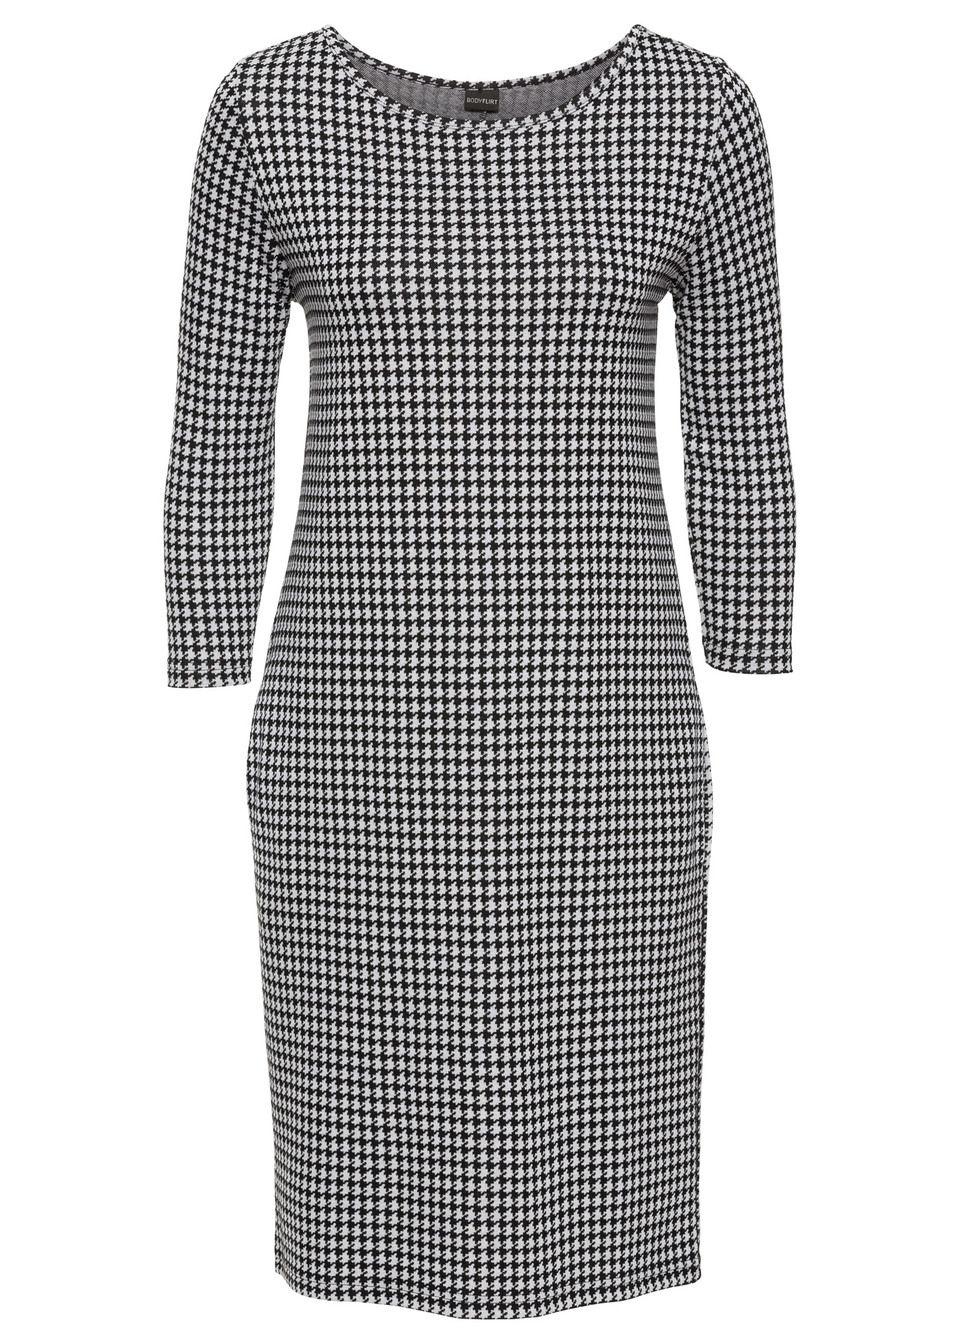 Šaty čierna biela vzorovaná Stanú sa • 14.99 € • bonprix 8e36c0544fb